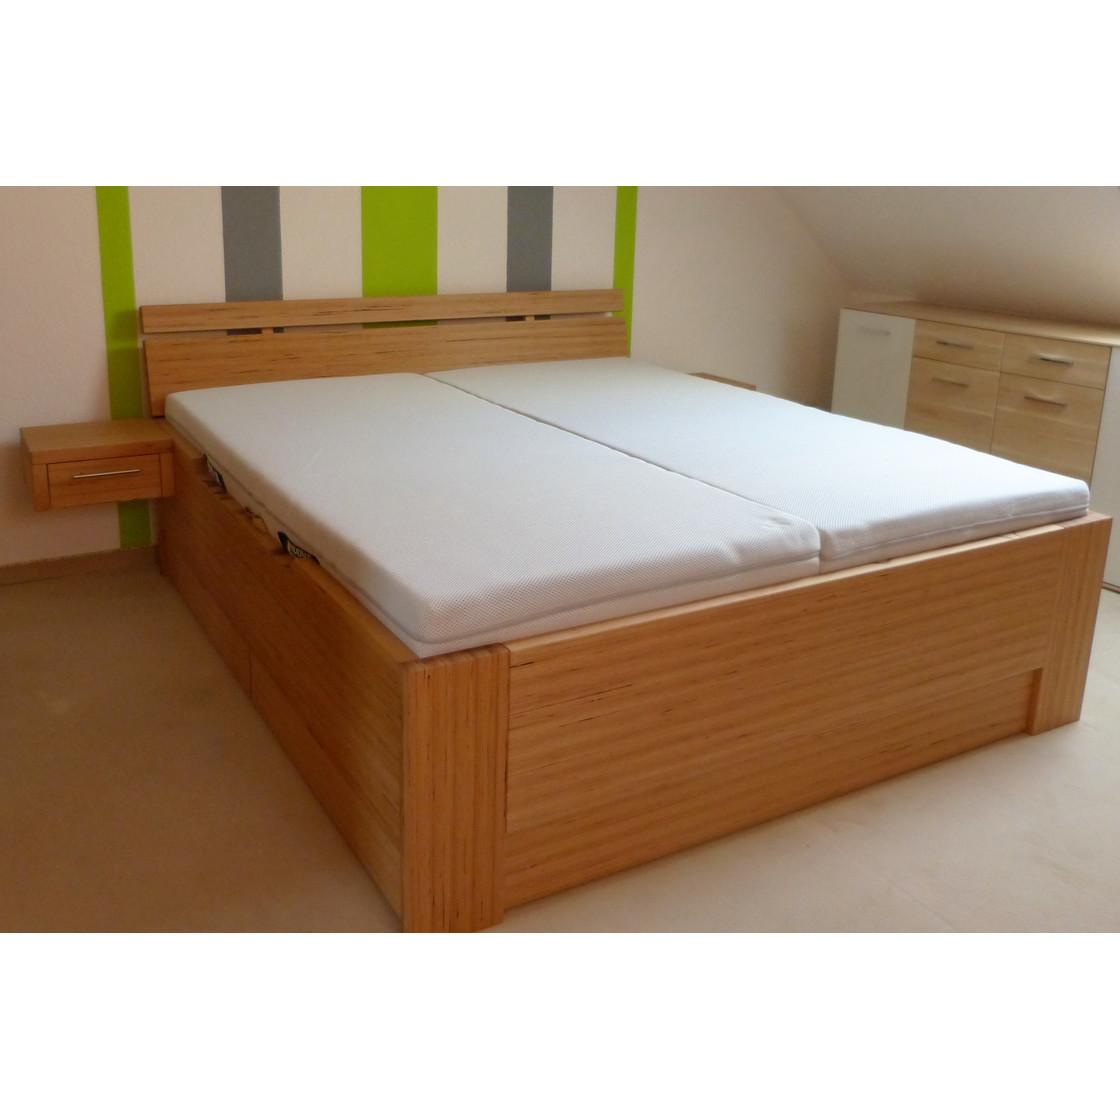 Full Size of Betten Mit Aufbewahrung 180x200 160x200 Bett Ikea 90x200 Massivholzbett Stauraumwunder Weissensee Mw Ebay Günstig Kaufen Stauraum 140x200 Dico Matratze Und Bett Betten Mit Aufbewahrung